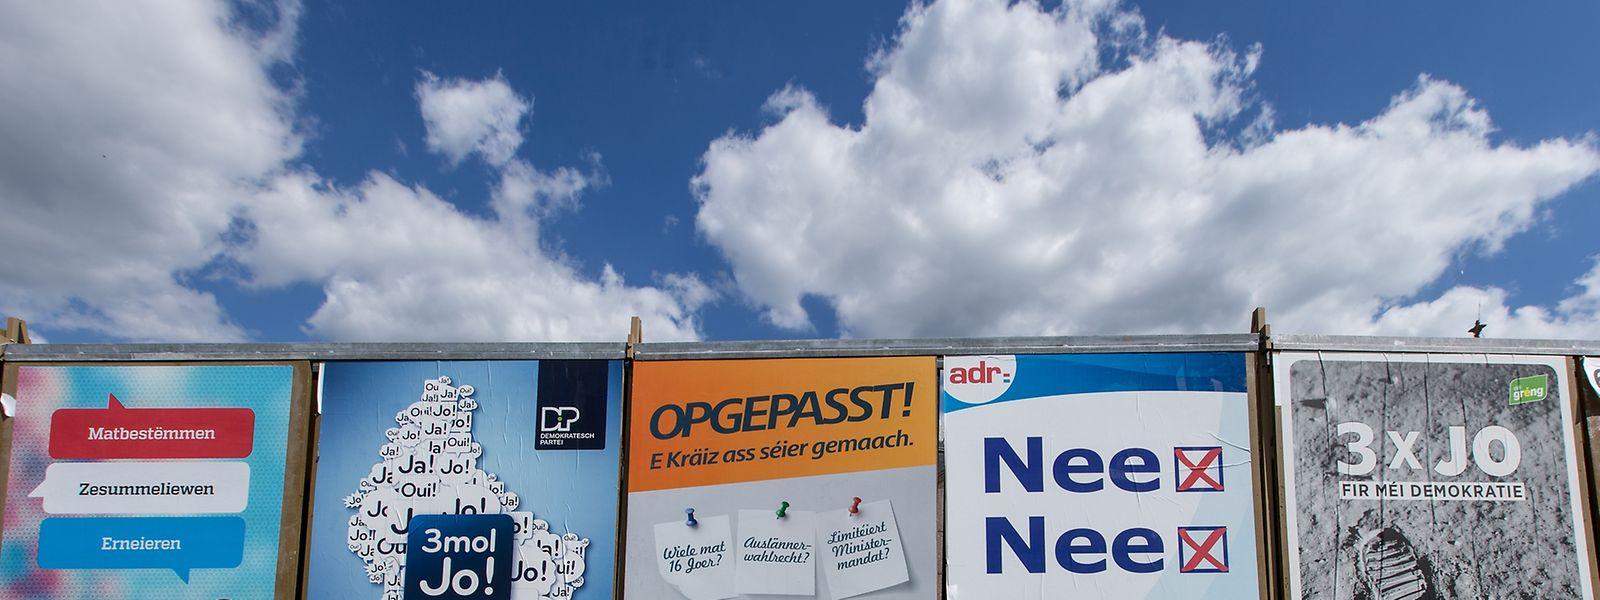 Das Referendum von 2015 hat gezeigt: Auch die Luxemburger sind gewillt, die Wahlurnen zum Instrument des Ausschlusses zu nutzen.